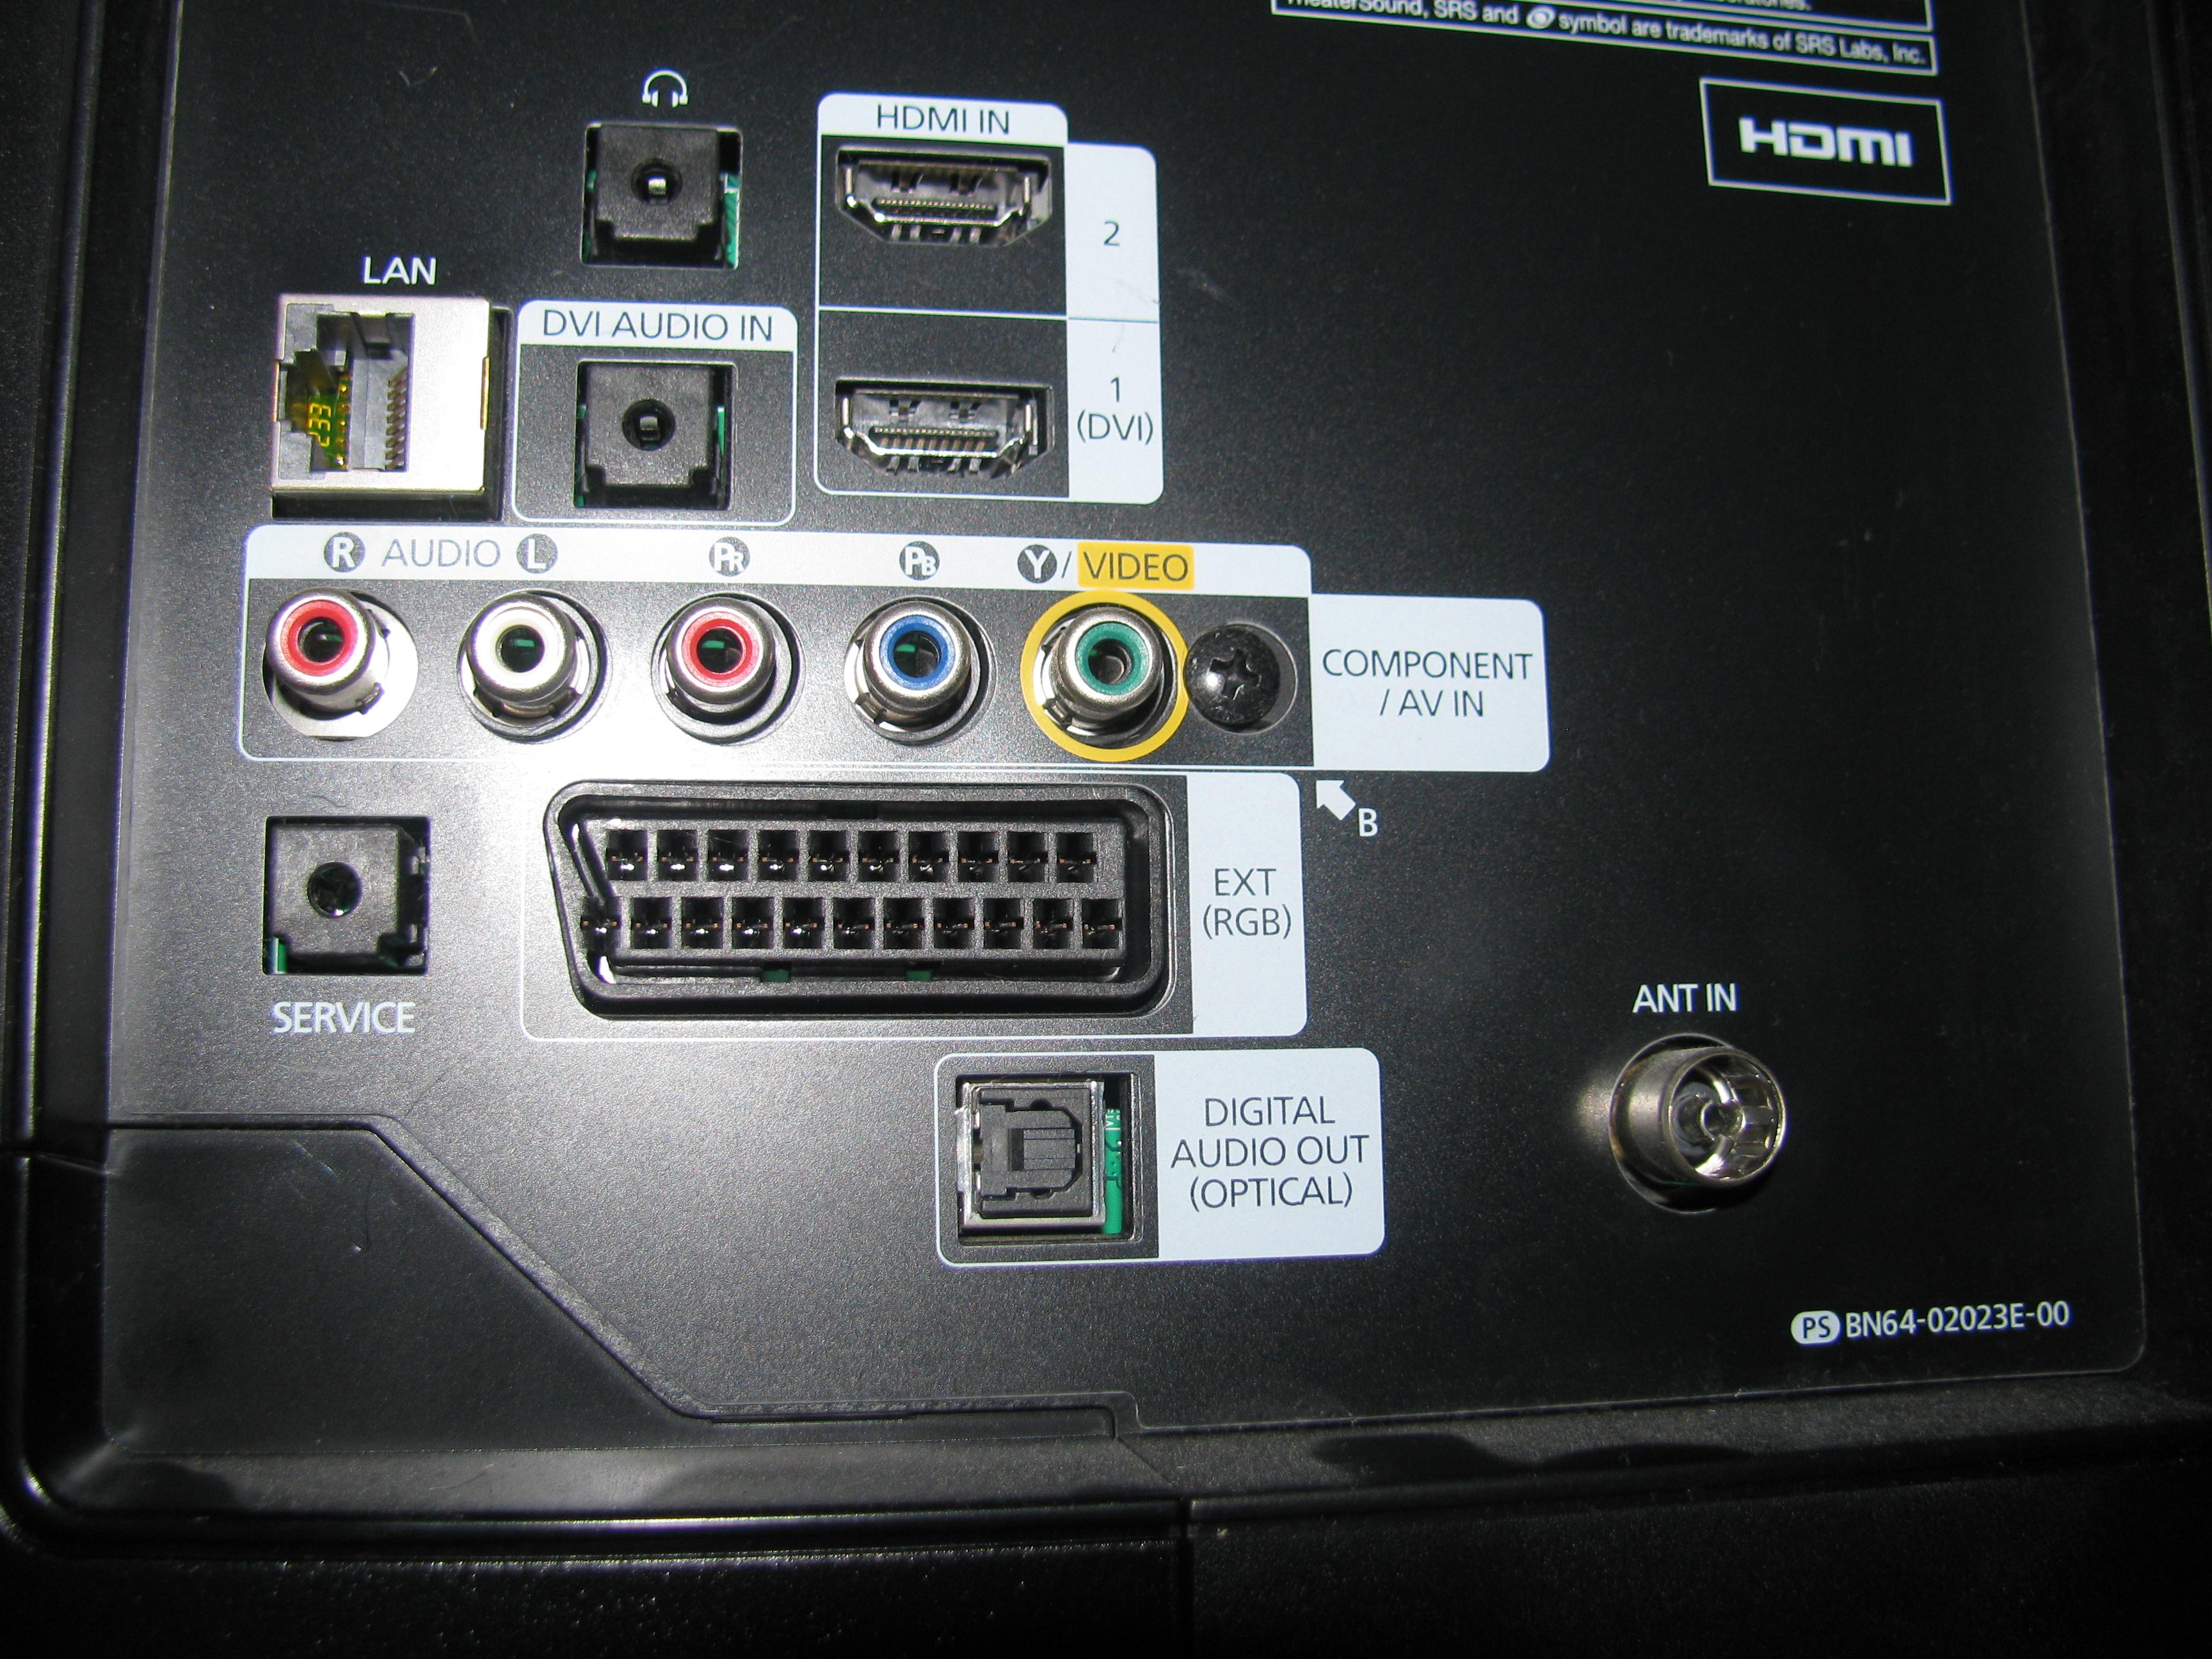 Tv Samsung i wie�a sony - Czy da si� pod��czy� wie�� sony do tv samsung?